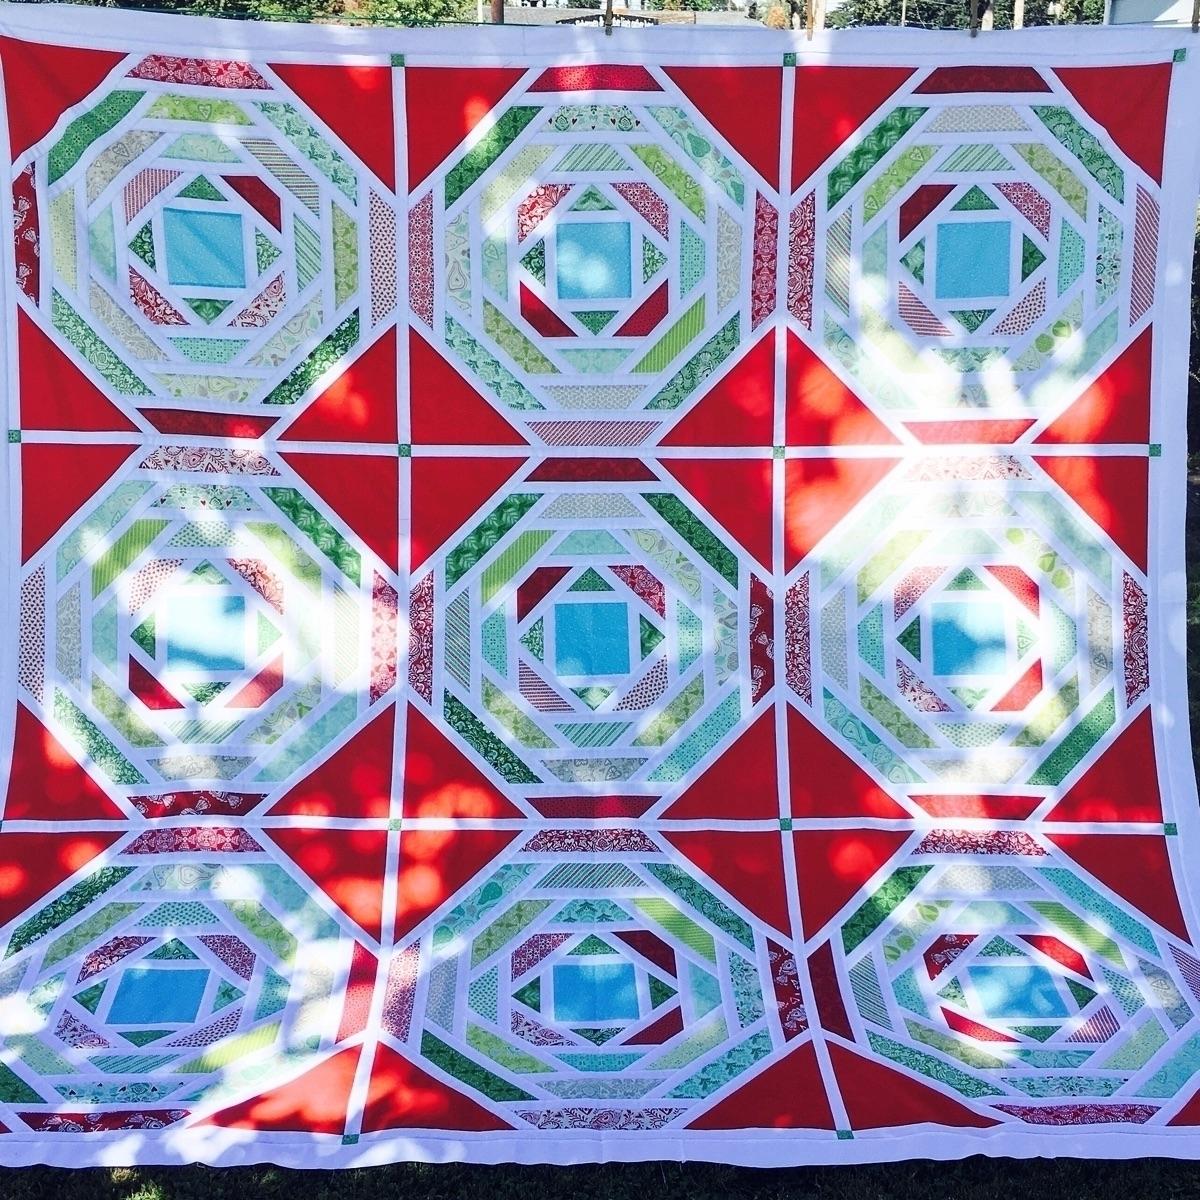 B83727F9-78CD-445E-976B-67949AE13FE8.jpg